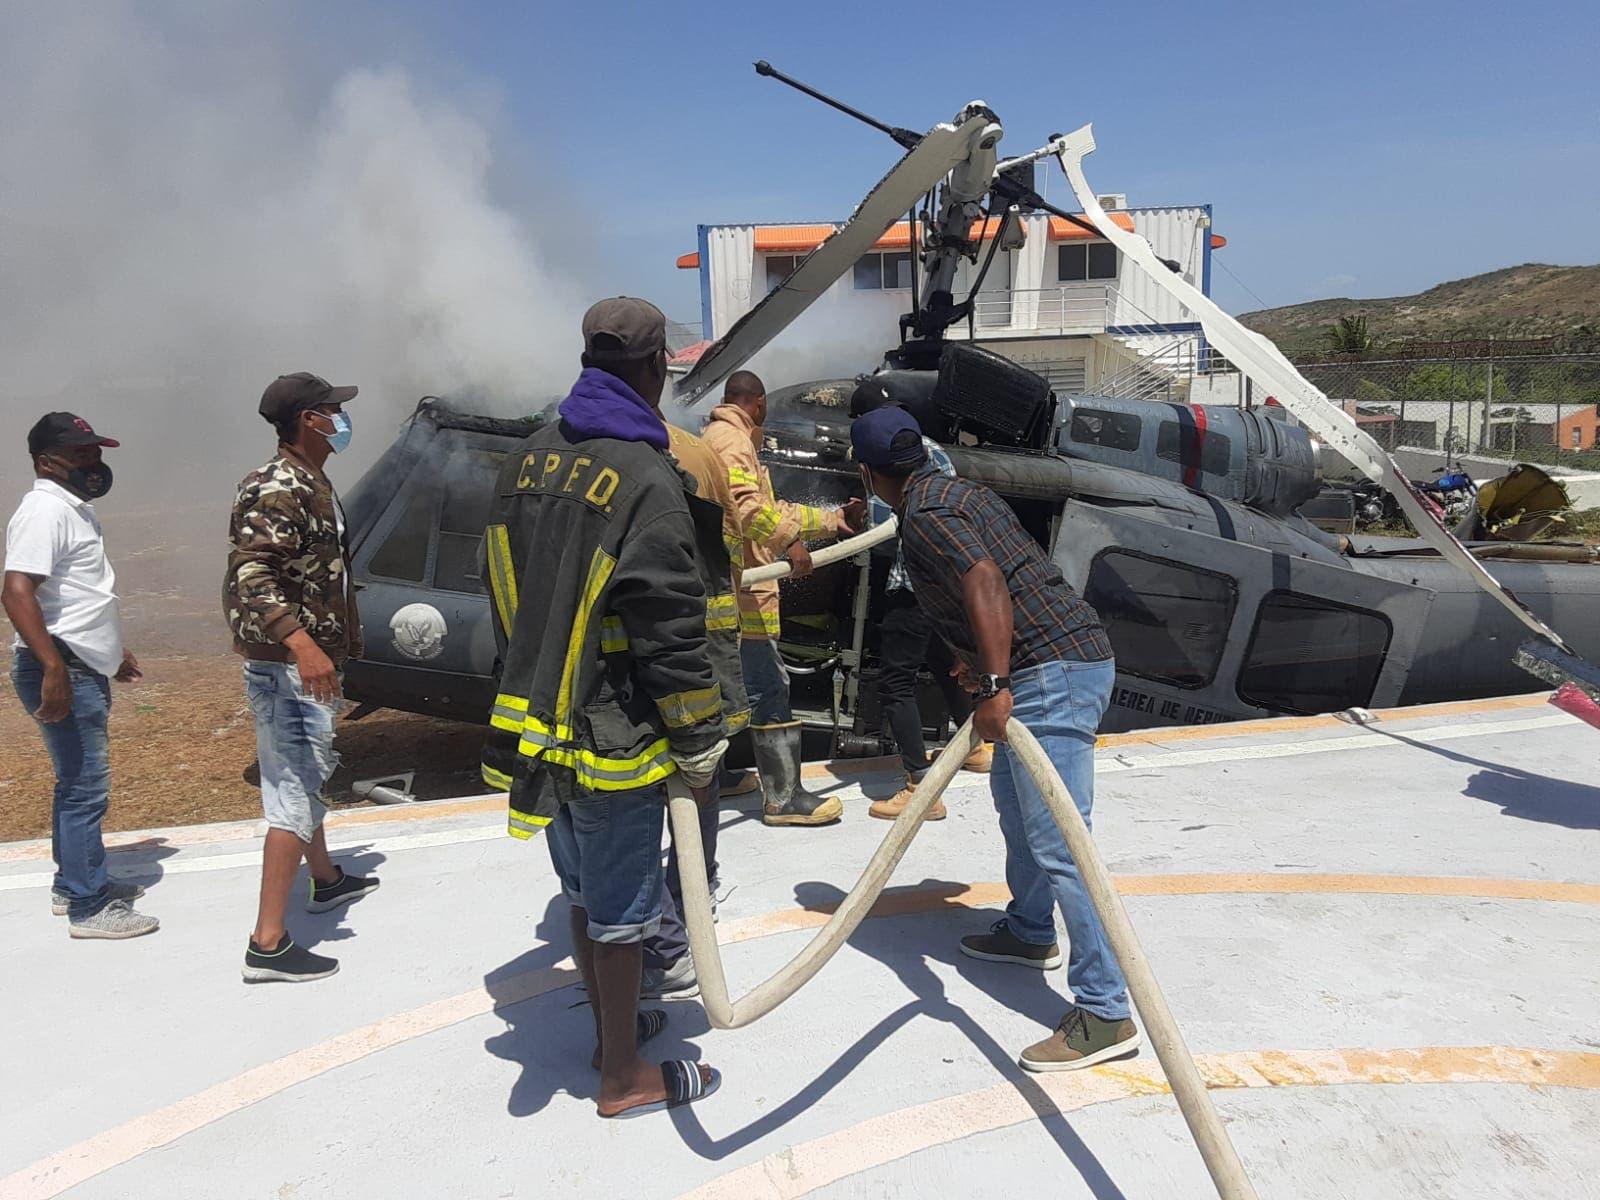 Accidente helicóptero en la frontera: «Gracias a Dios no hay muertos»